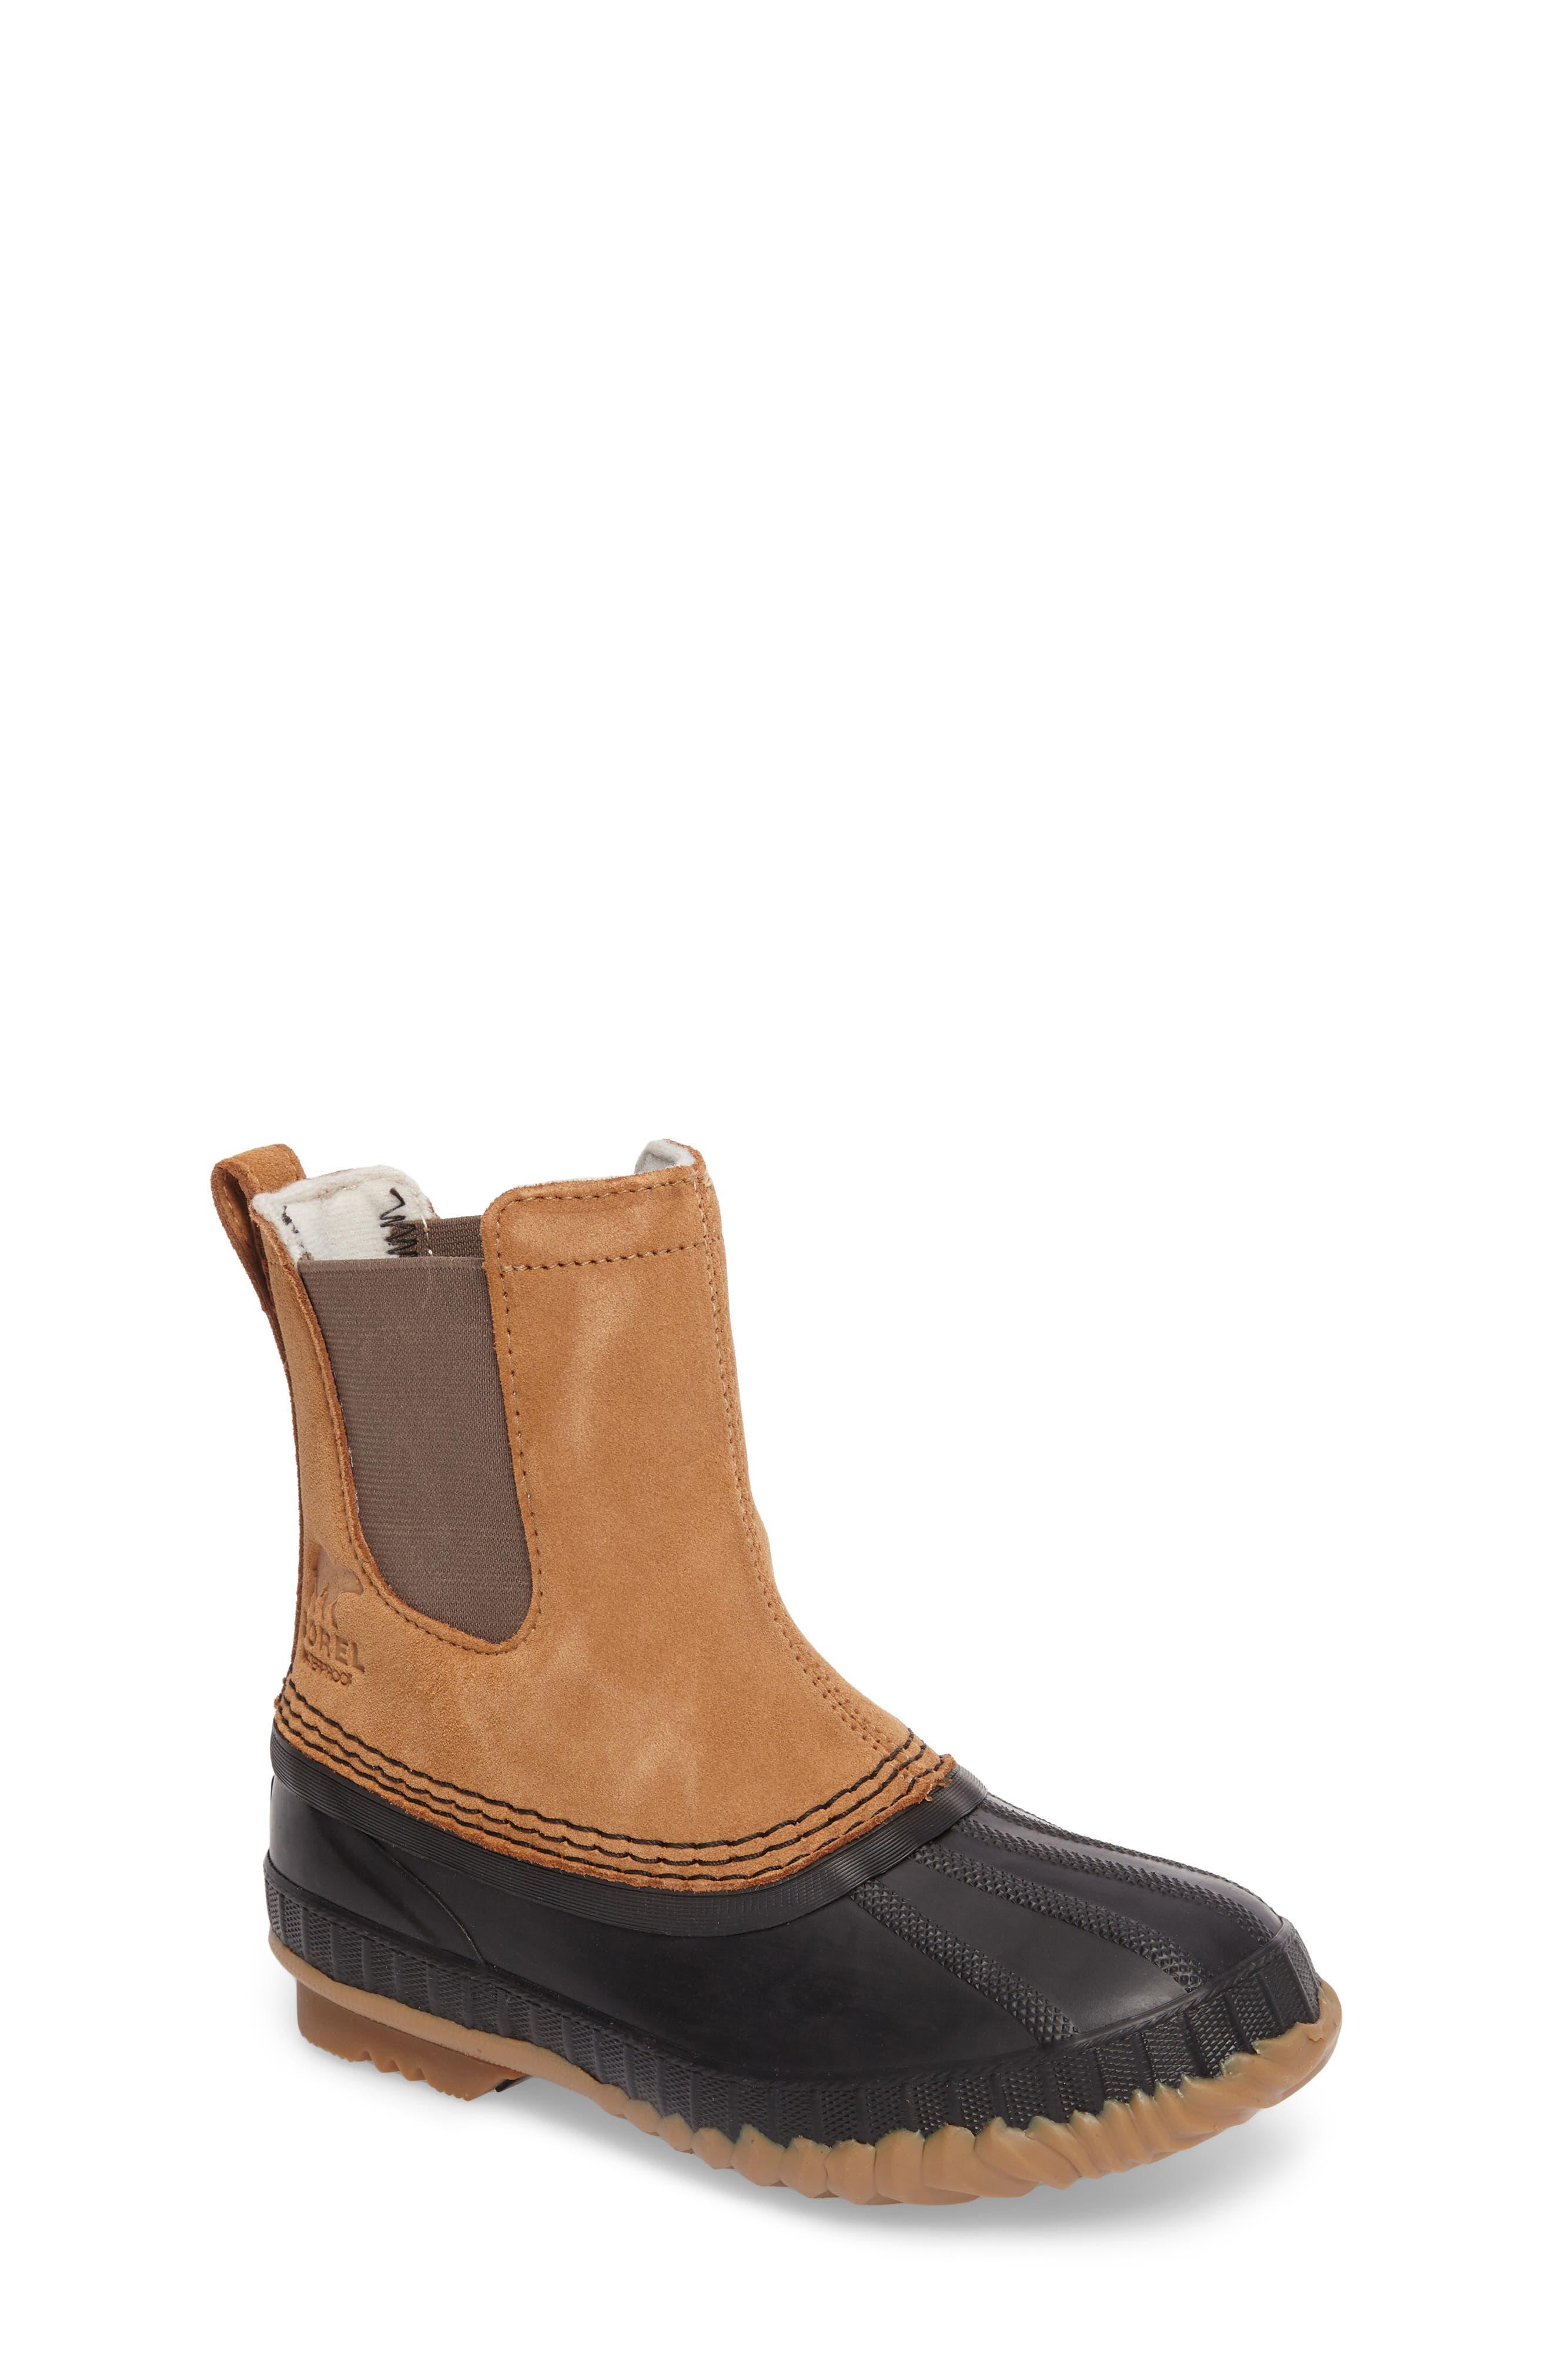 Cheyanne II Waterproof Insulated Chelsea Boot,                         Main,                         color, Elk/ Black